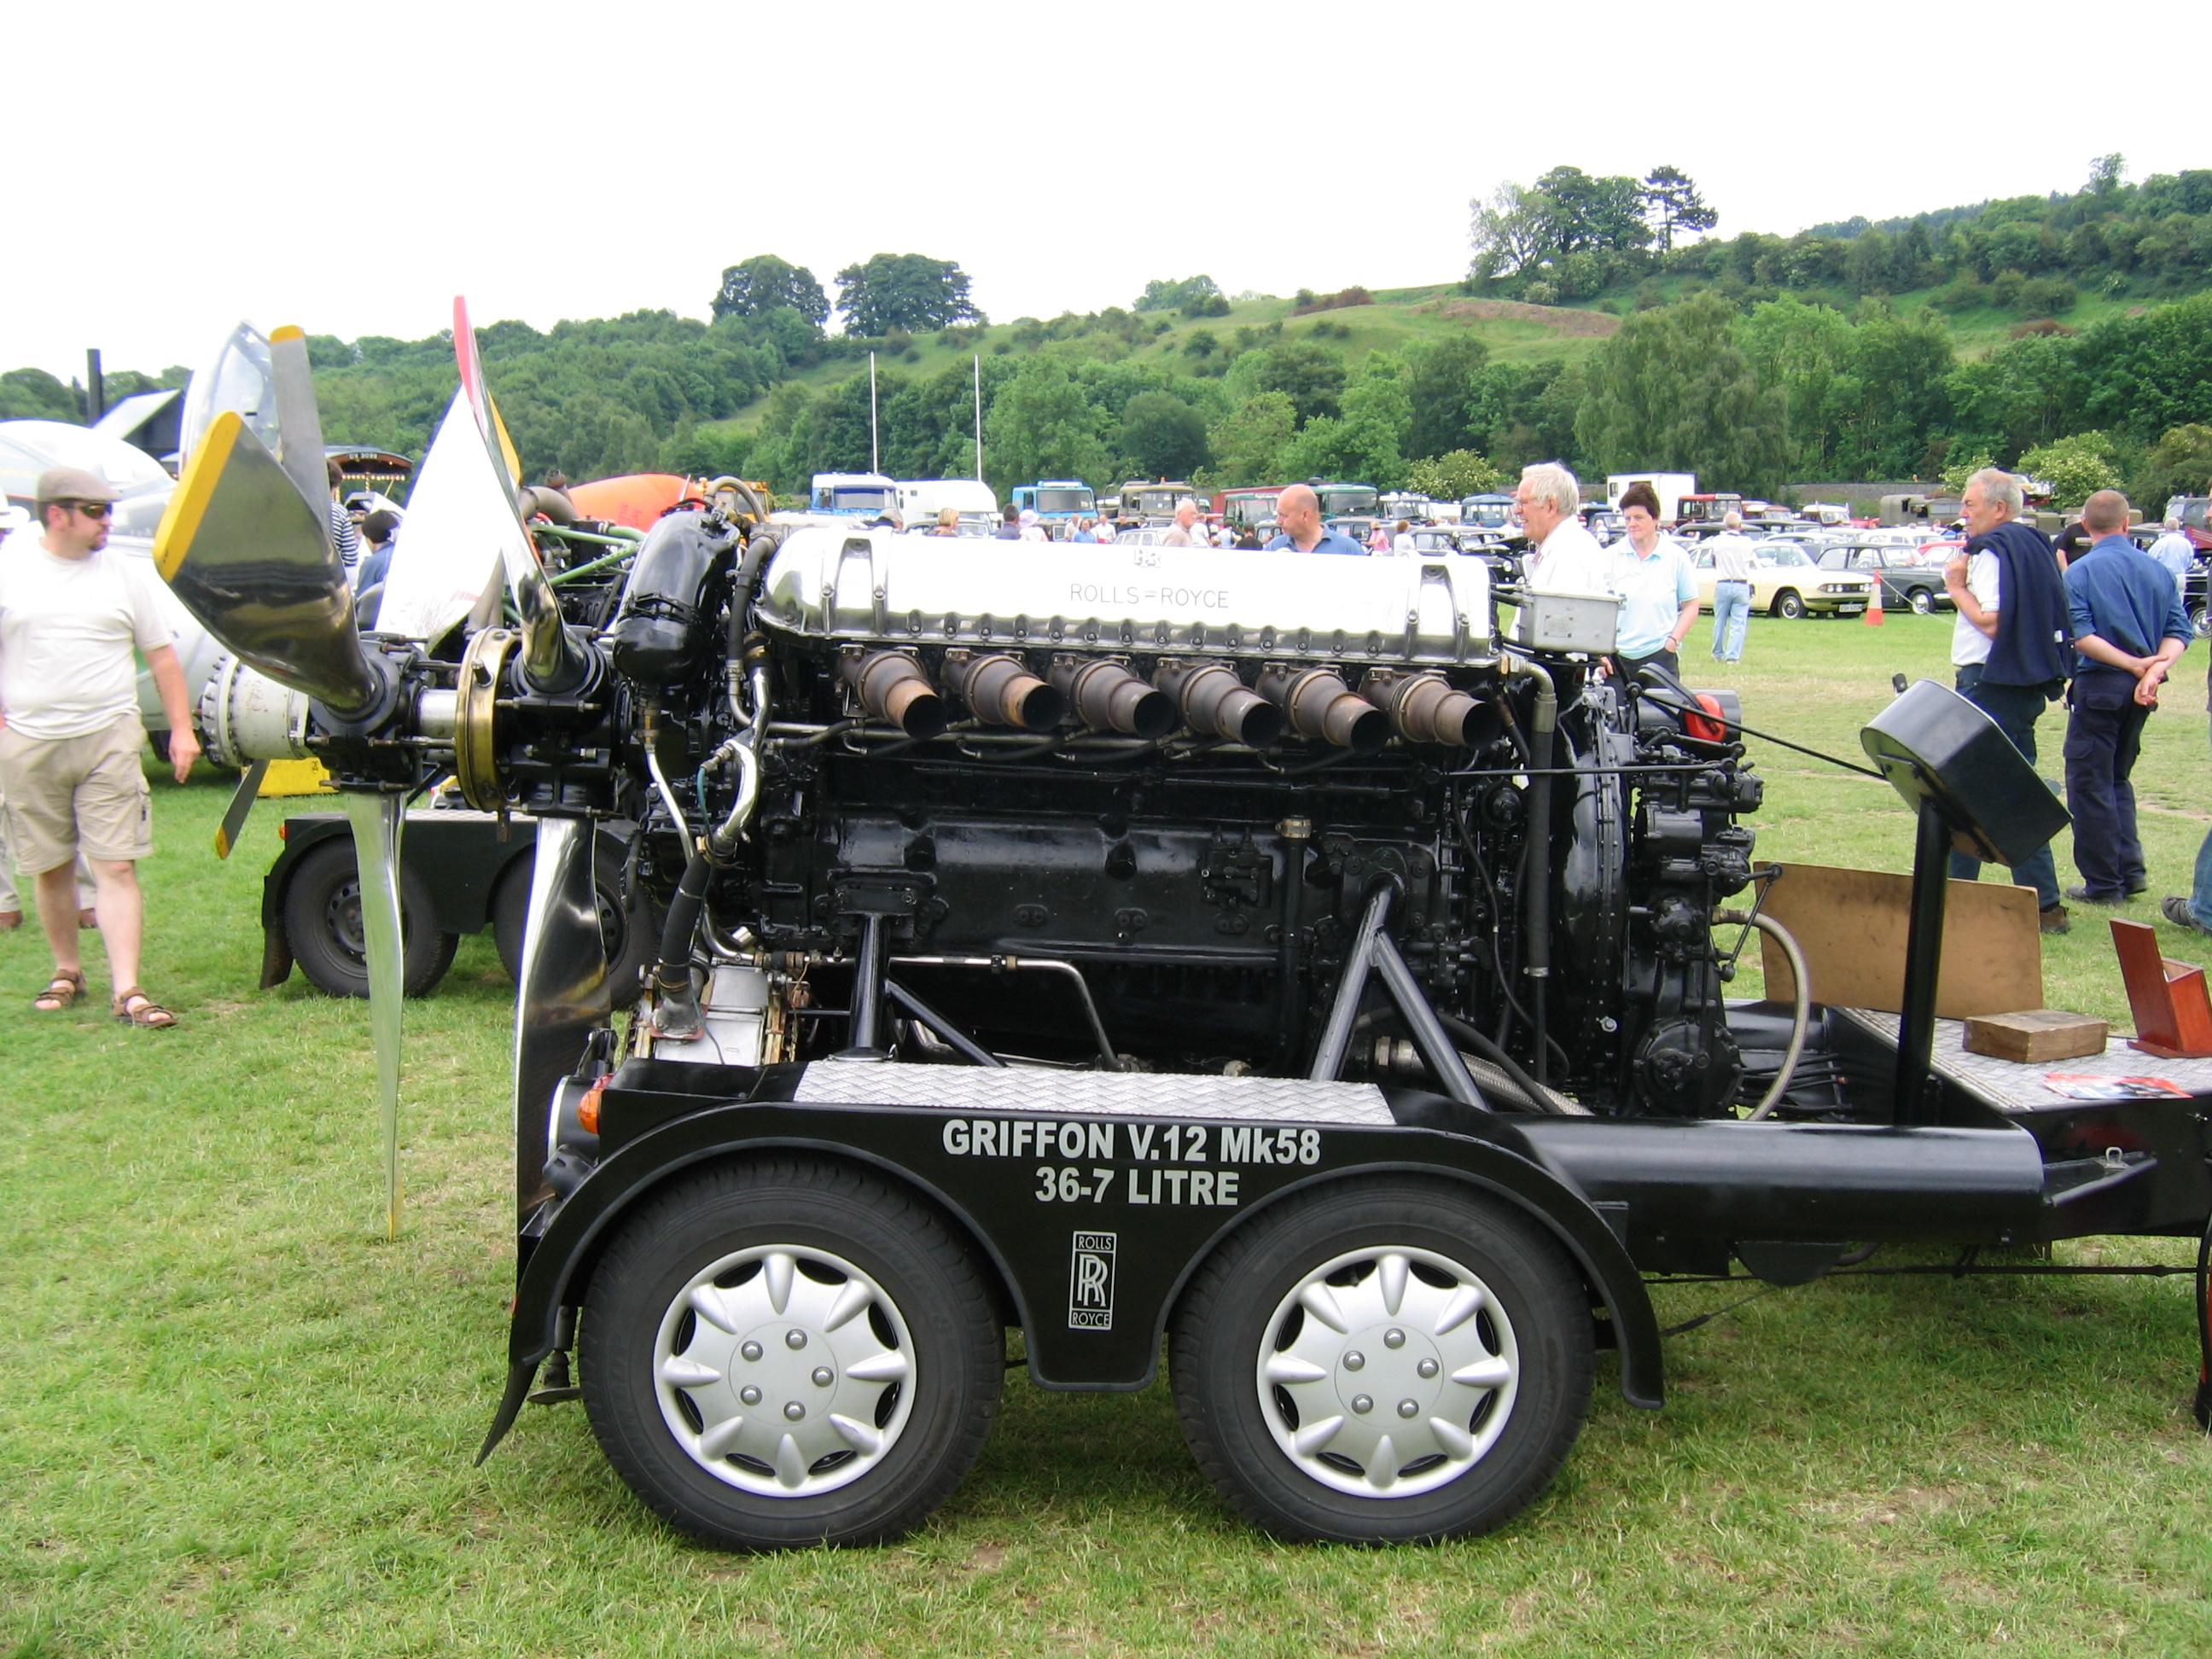 File:Rolls-Royce Griffon Mk.58.jpg - Wikimedia Commons